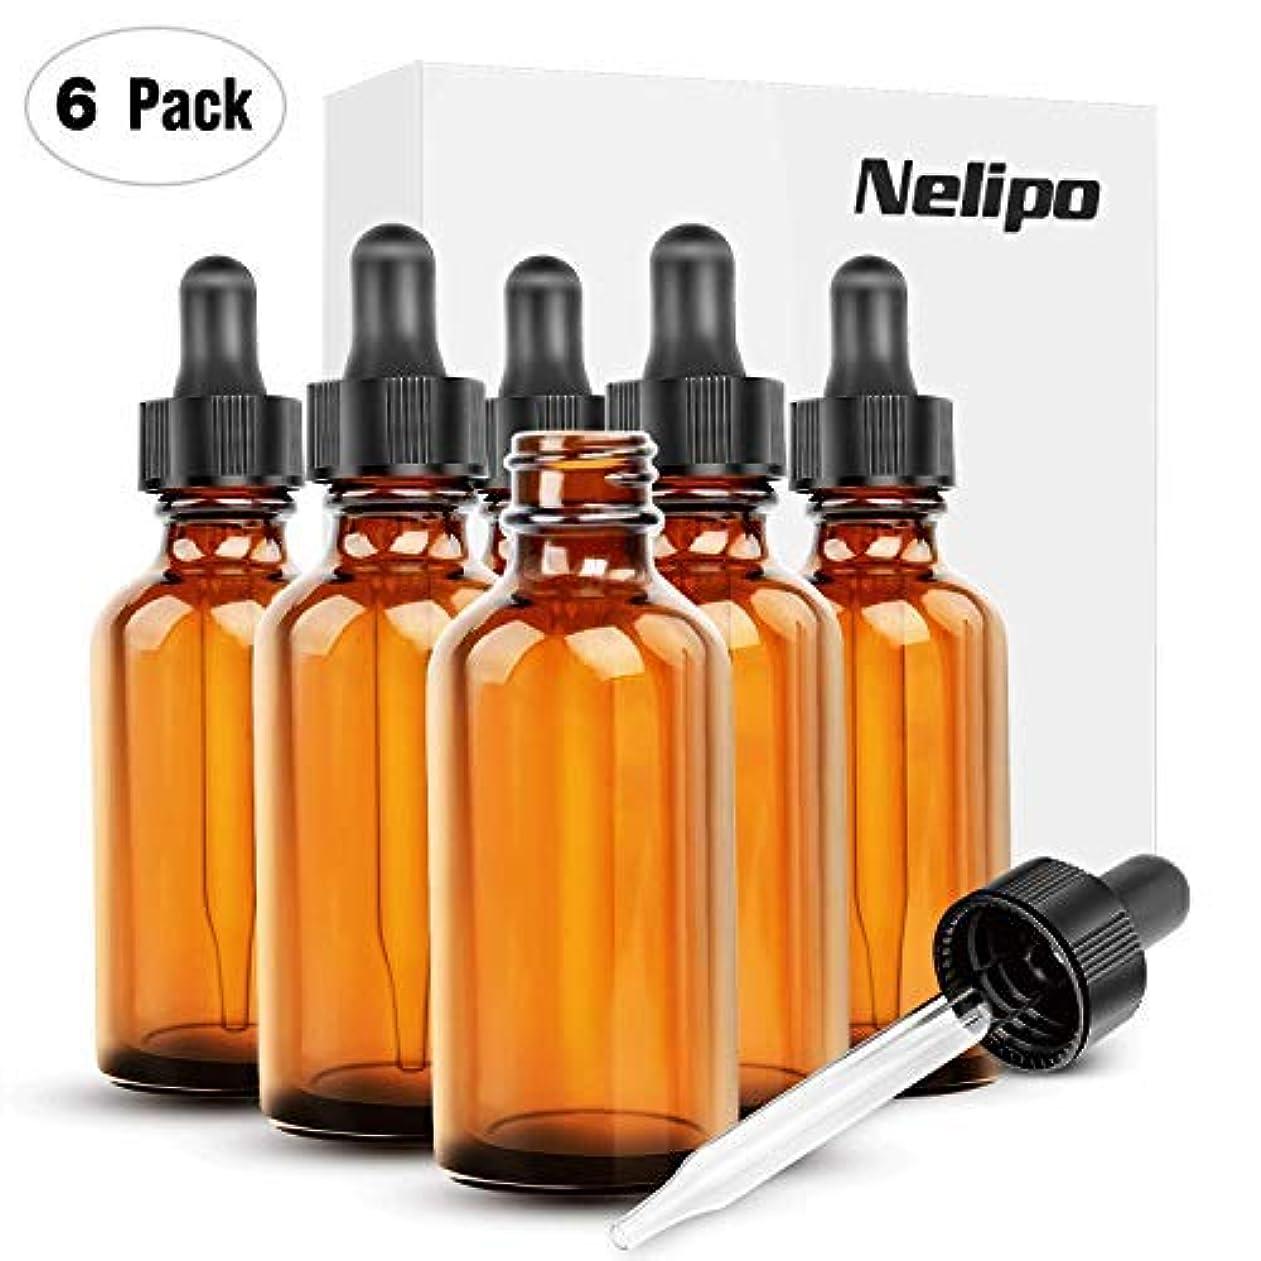 品天使強化するNelipo 2oz Amber Glass Bottles for Essential Oils with Glass Eye Dropper - Pack of 6 [並行輸入品]